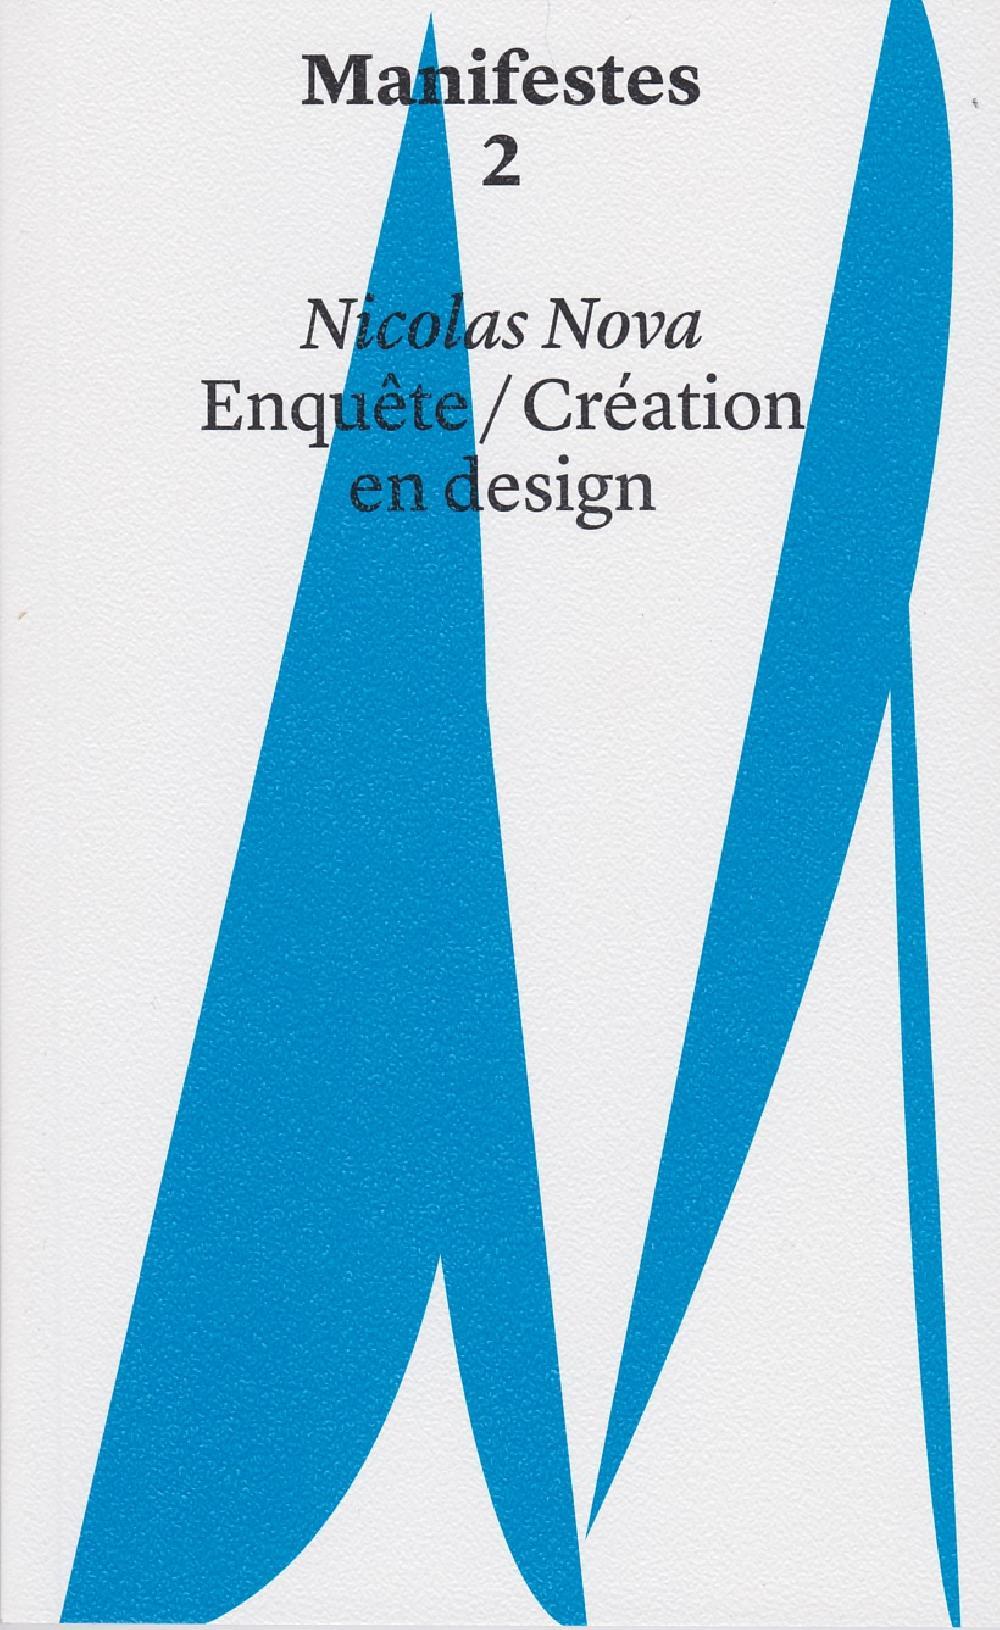 Manifestes 2 - Enquête / Création en design